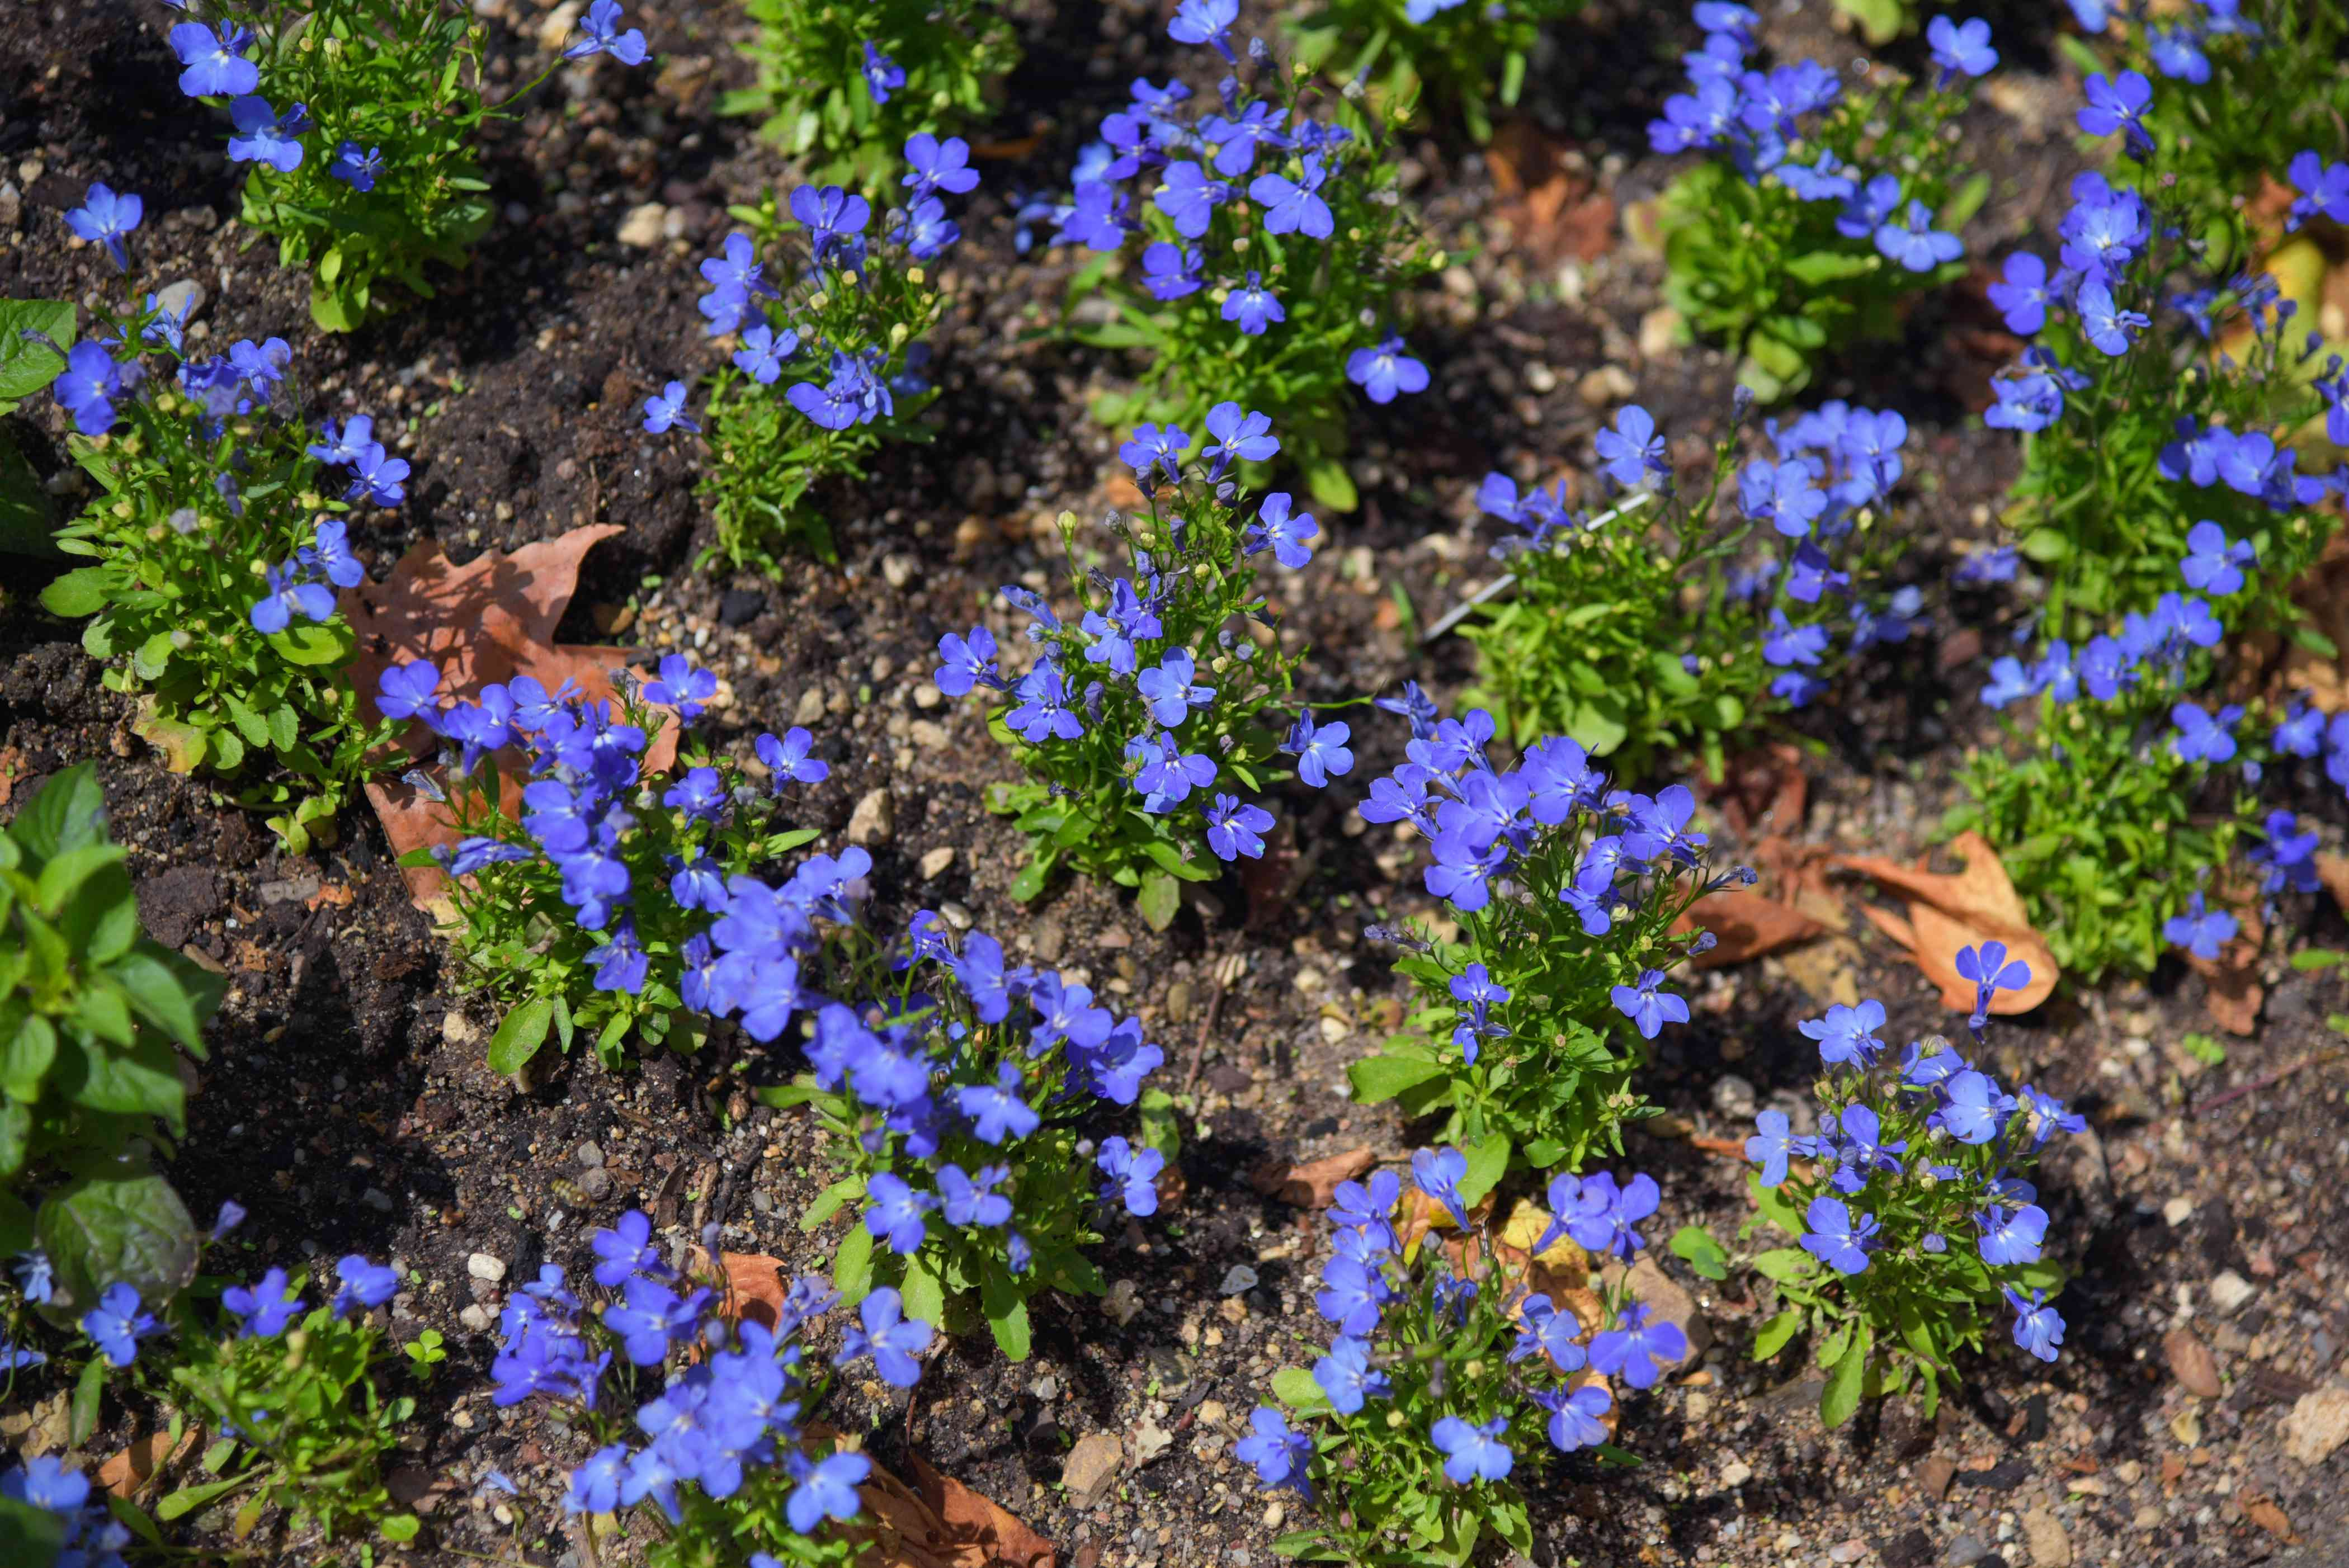 Lobelia plant in rows full of deep purple flowers in sunlight